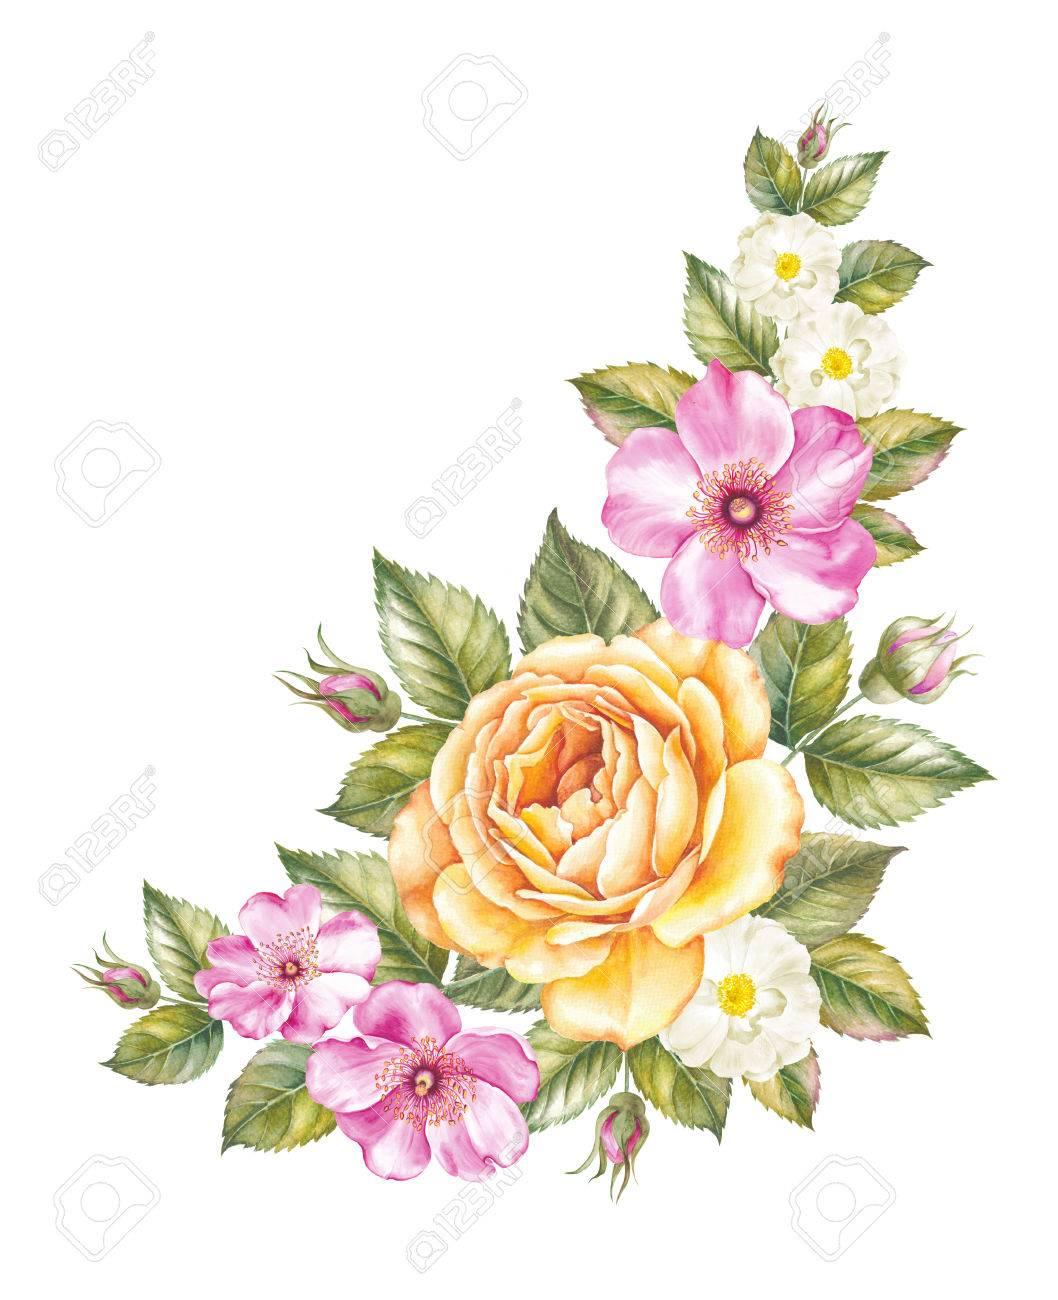 rosen vorlage